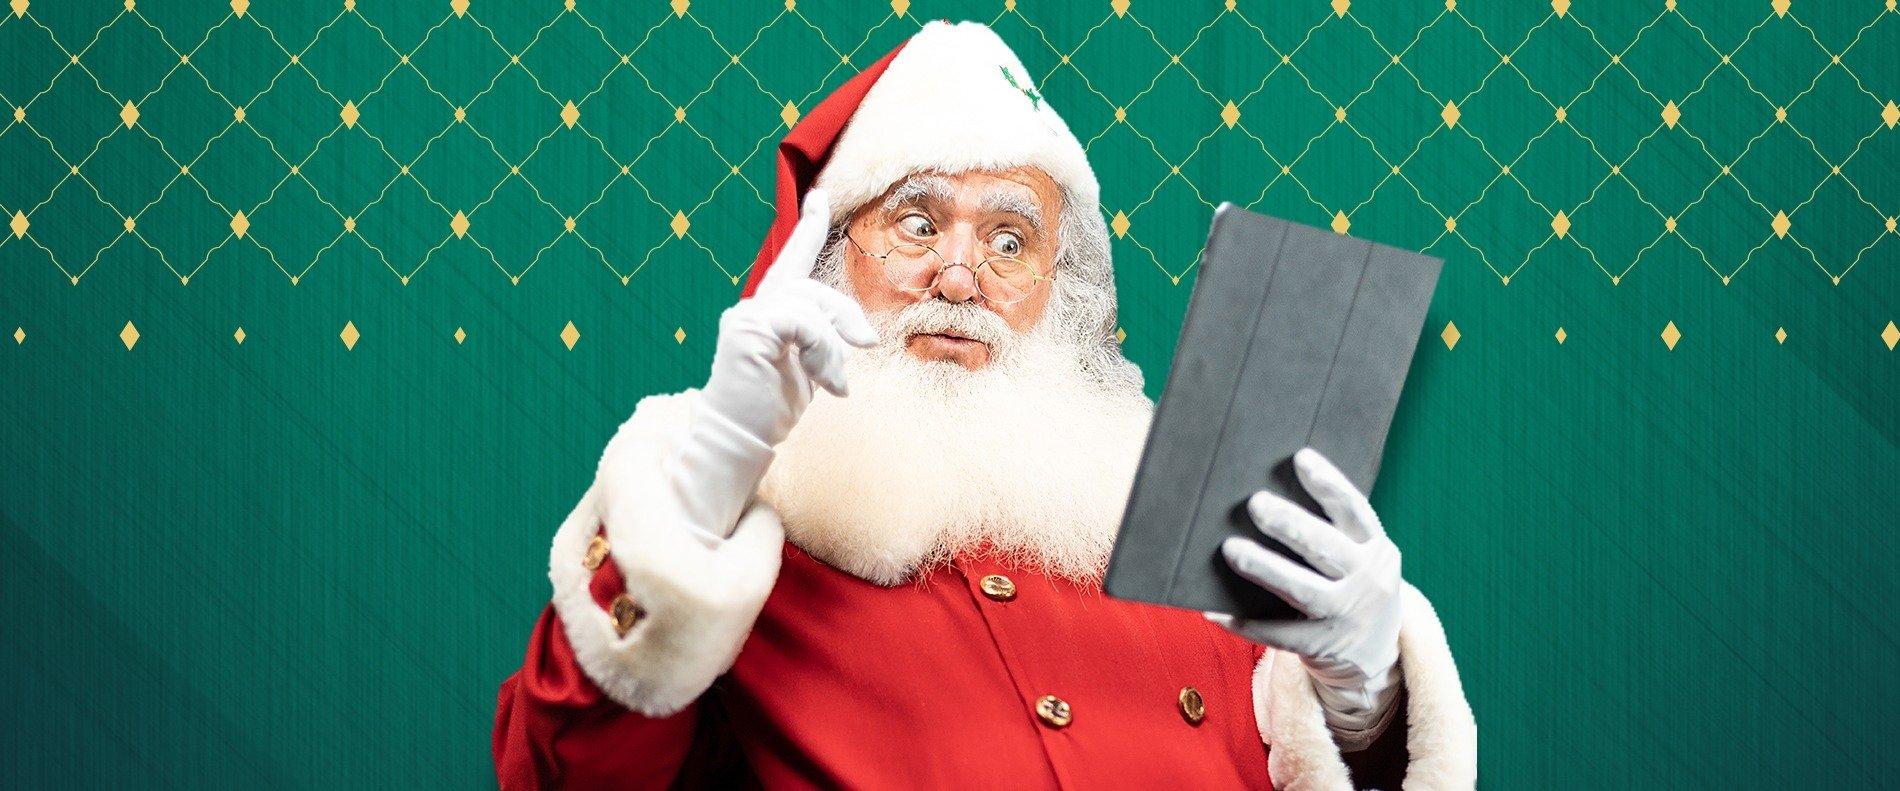 Este ano, o Pai Natal dos Centros Sonae Sierra está em Teletrabalho